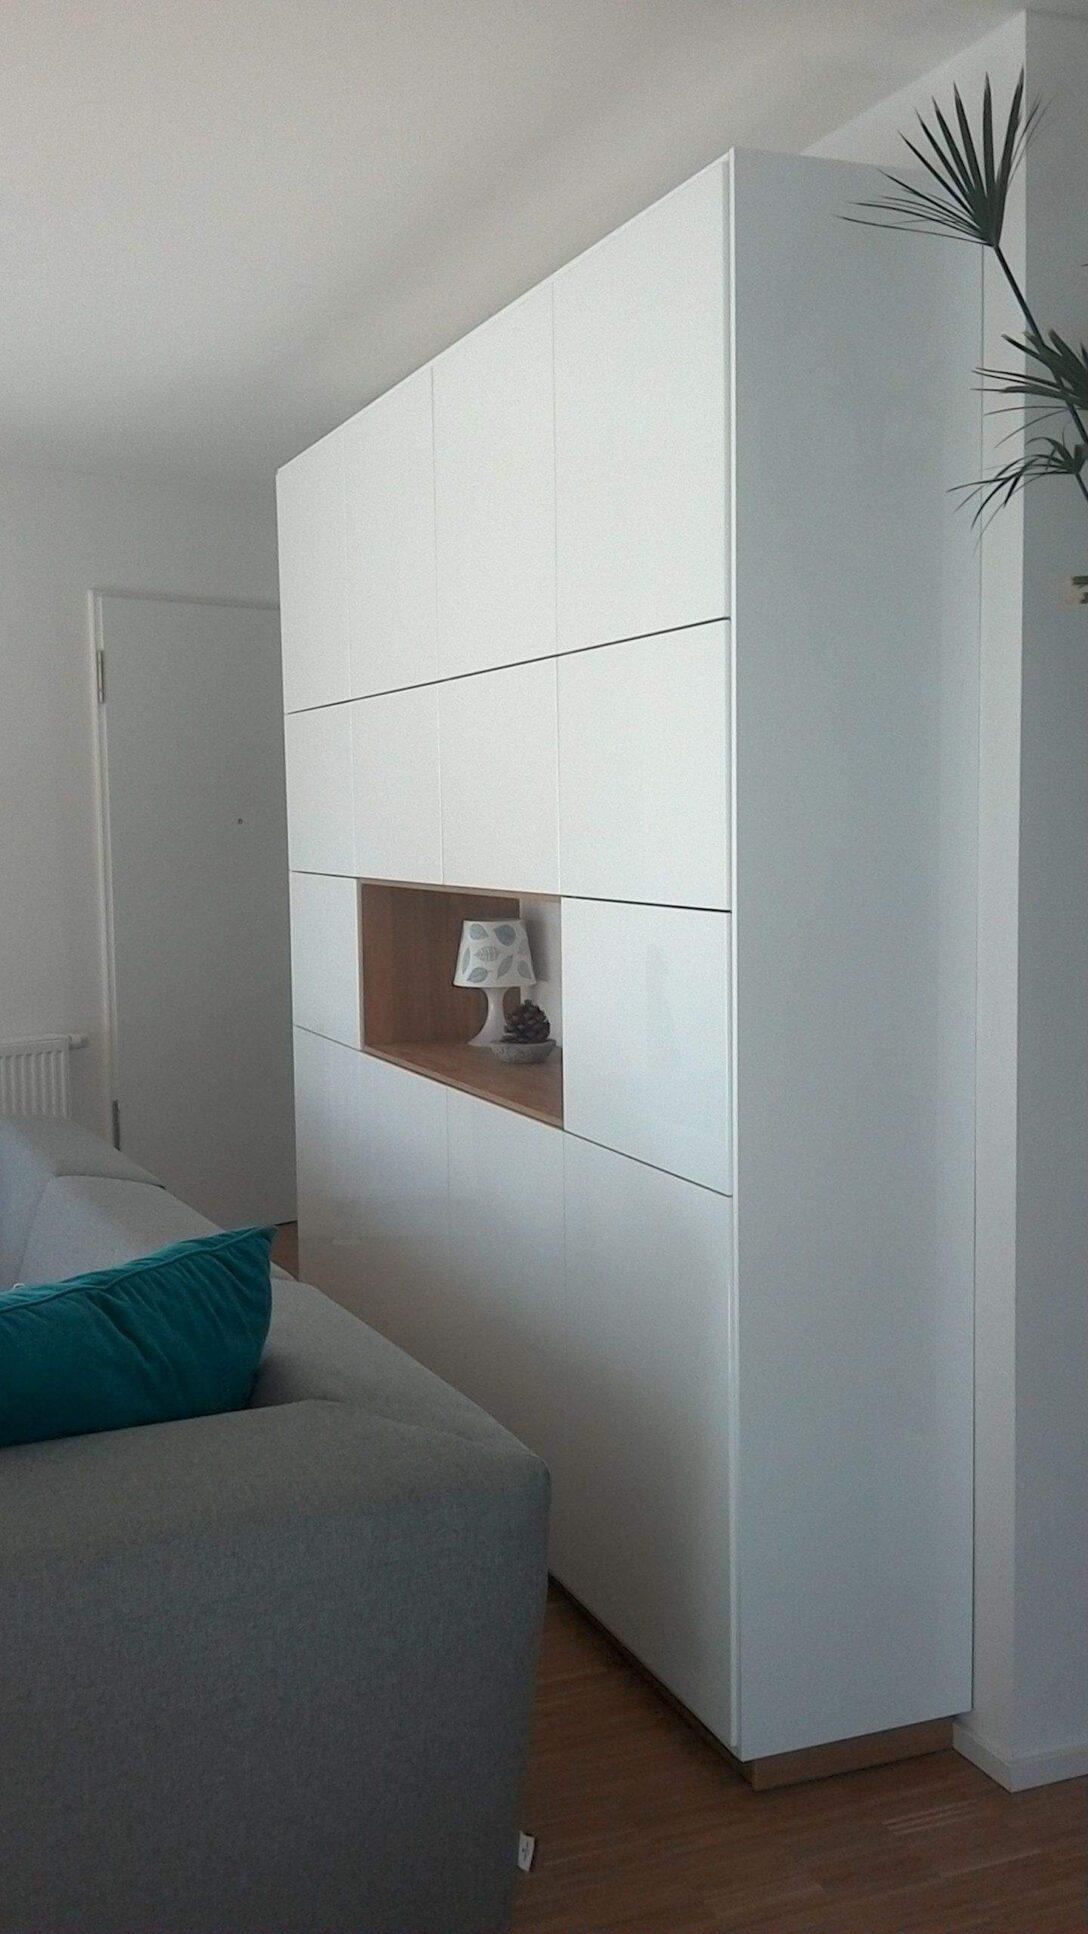 Large Size of Lampen Wohnzimmer Decke Ikea Schrank Inspirierend Method Ringhult Plus Tapeten Ideen Bilder Fürs Deckenlampen Modern Led Deckenleuchte Bad Indirekte Wohnzimmer Lampen Wohnzimmer Decke Ikea